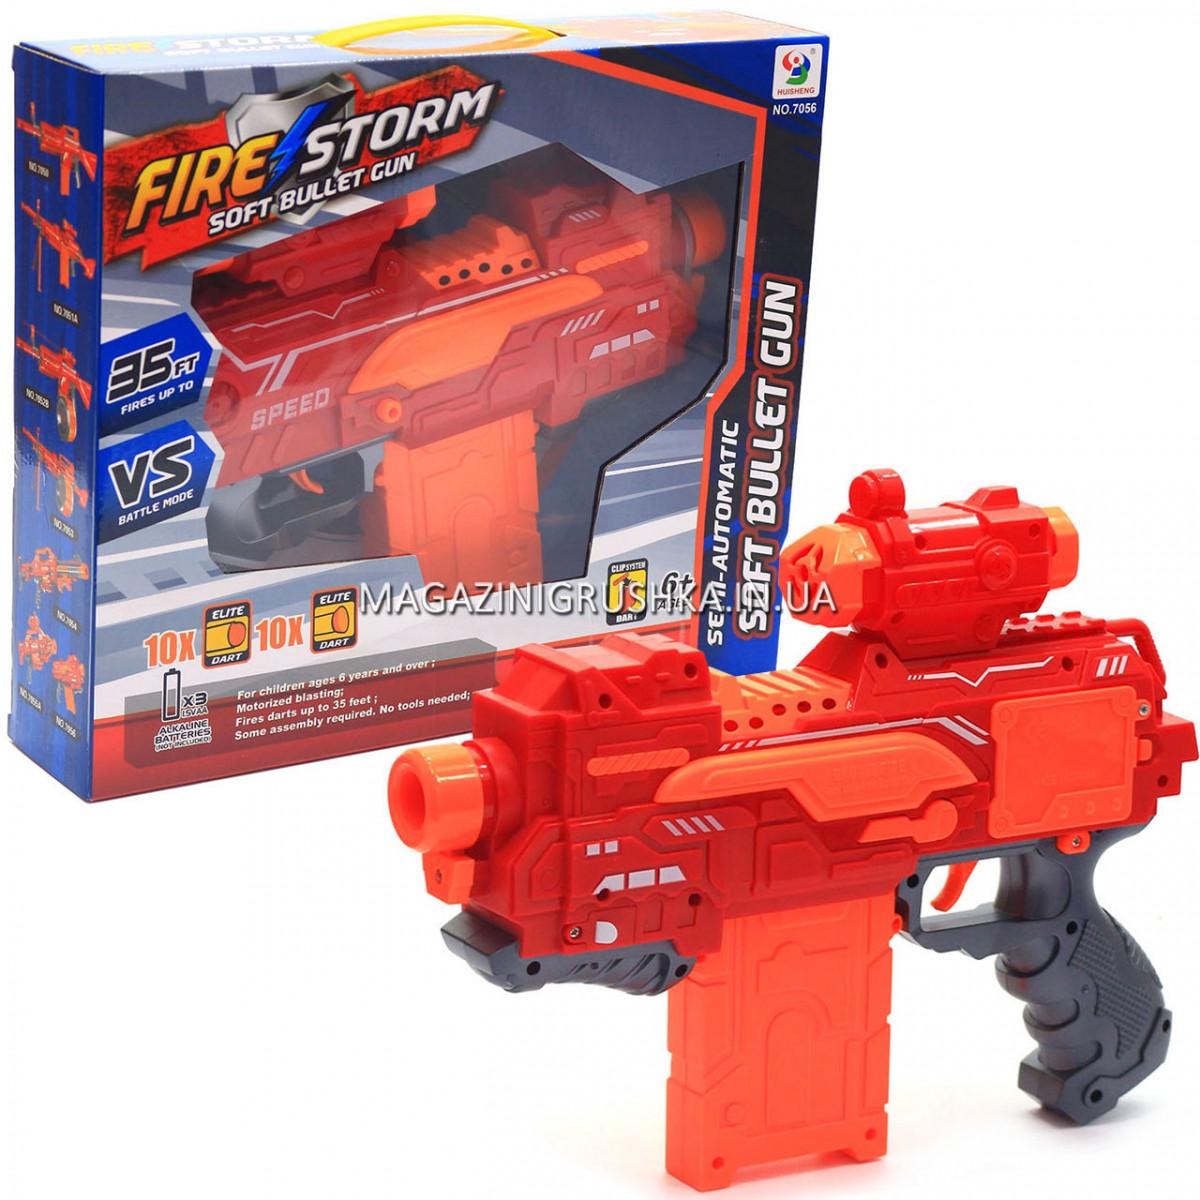 Іграшкова зброя автомат Бластер Fire Storm аналог Нерф NERF, 20 м'яких куль, з мішенню (7056)